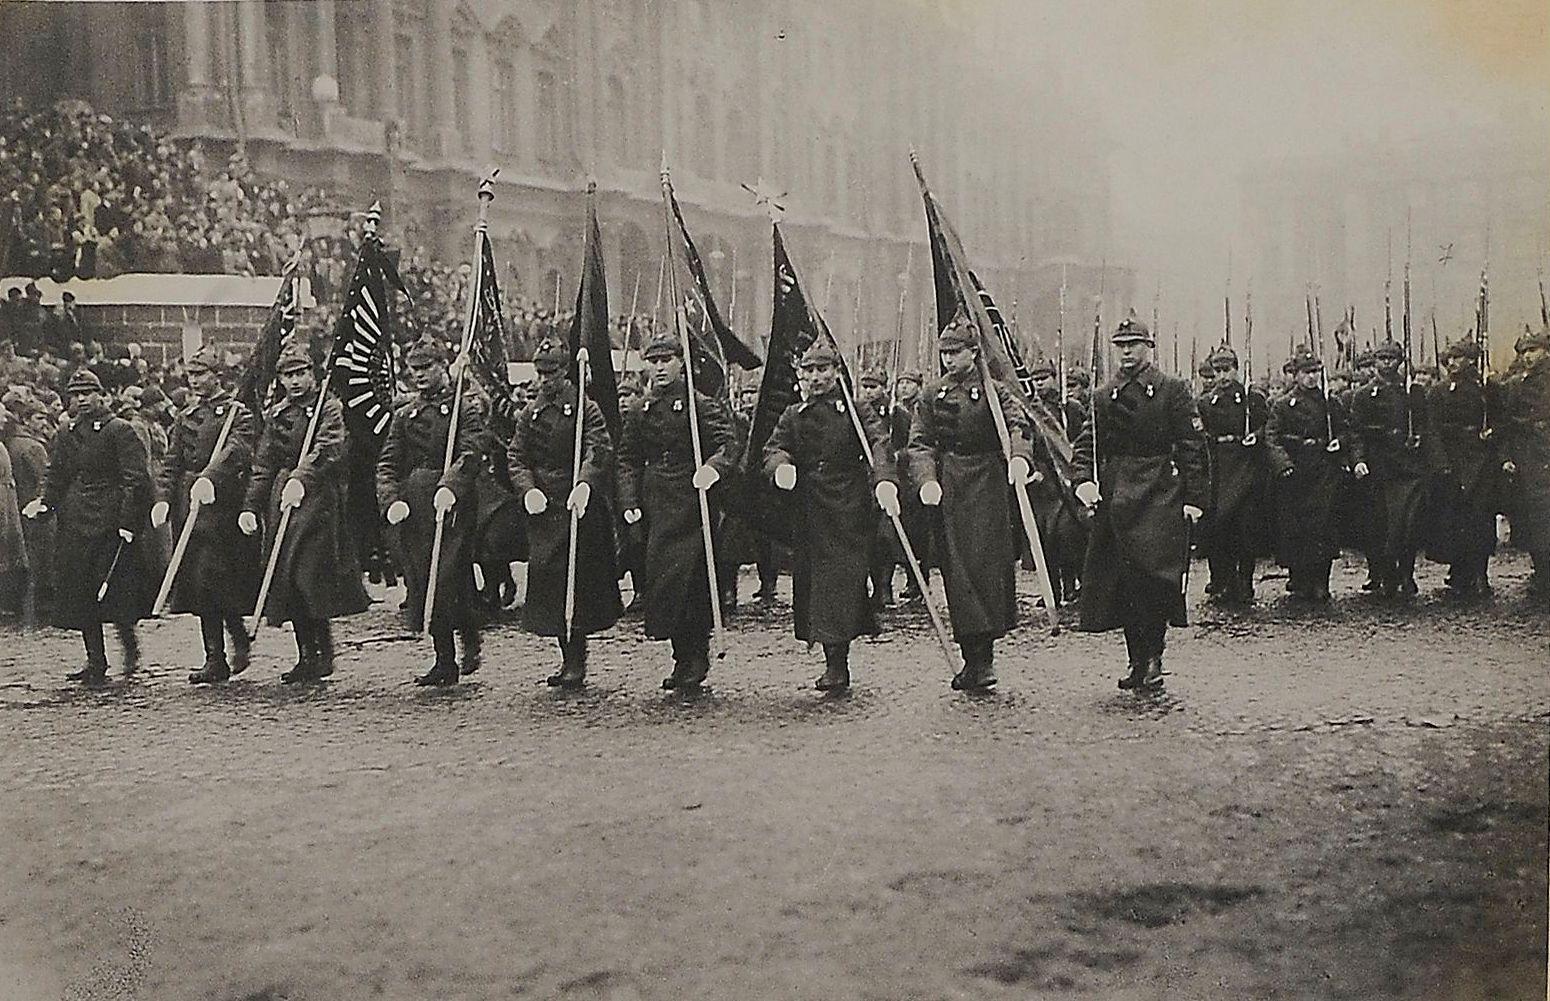 1923. Фото парада войск Петроградского военного округа во время приема шефства работниками искусства и просвещения 6 мая